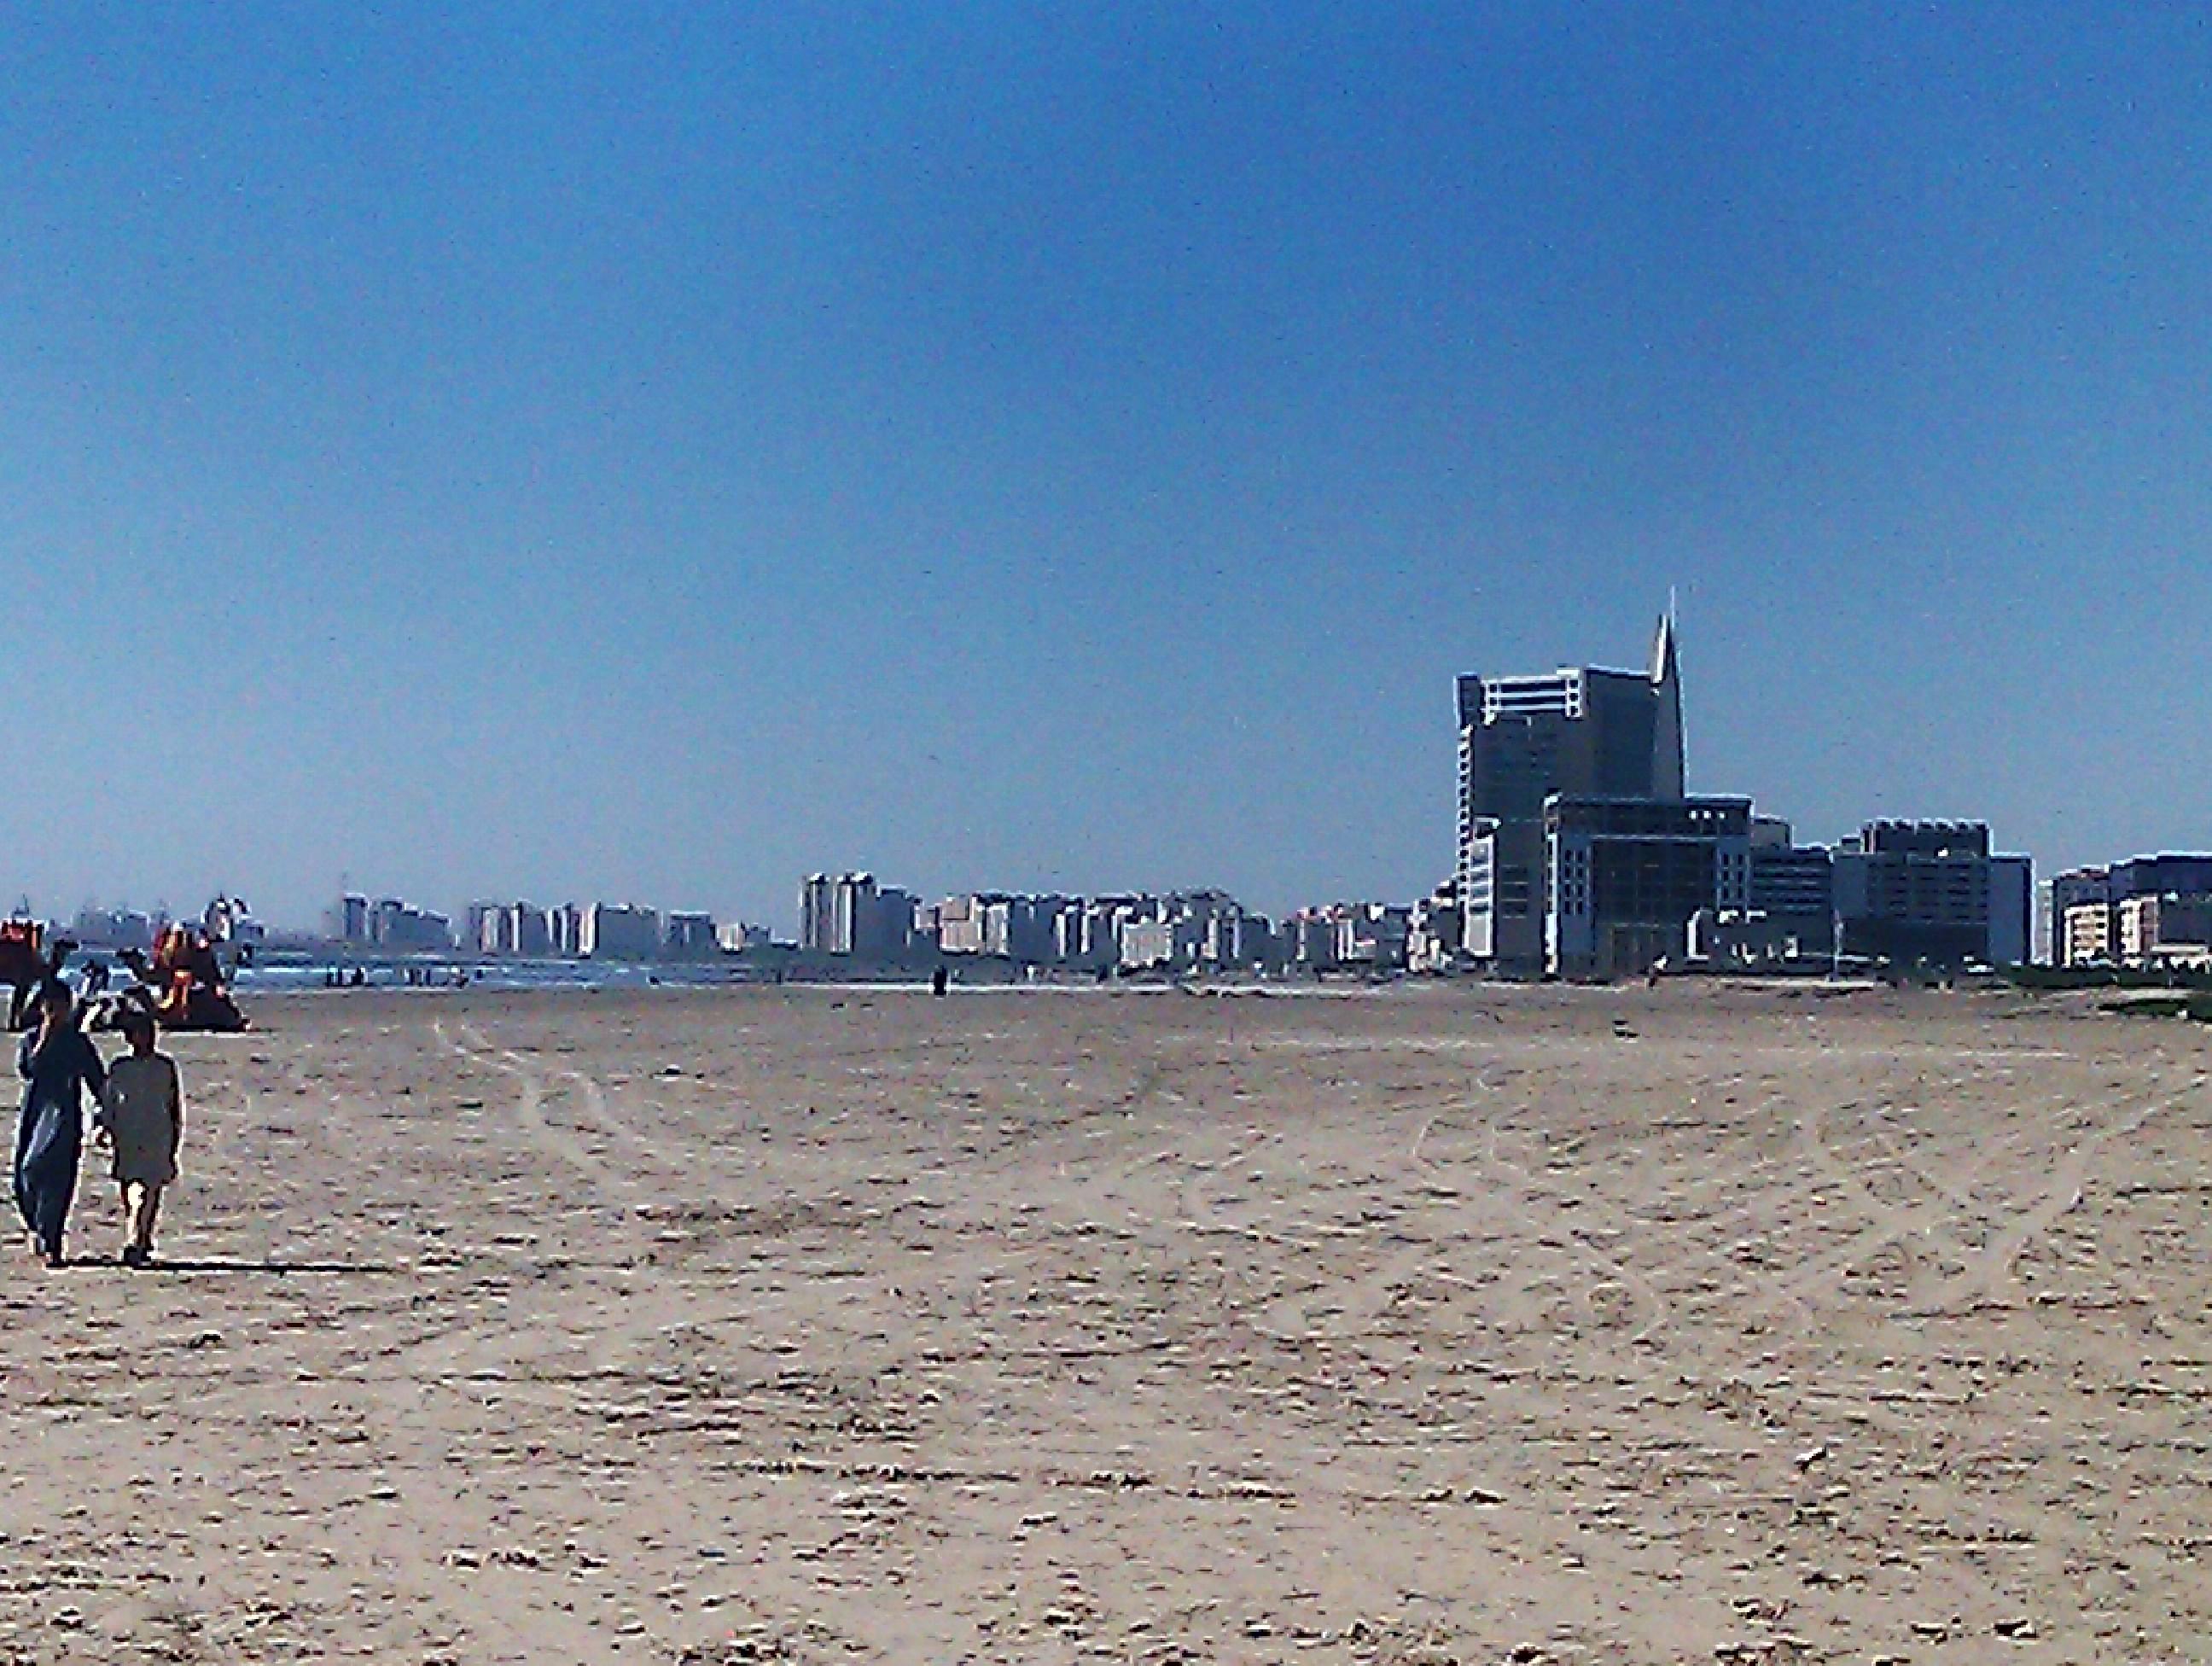 File:DolmenCity Tower Karachi skyline from Clifton Beach jpg